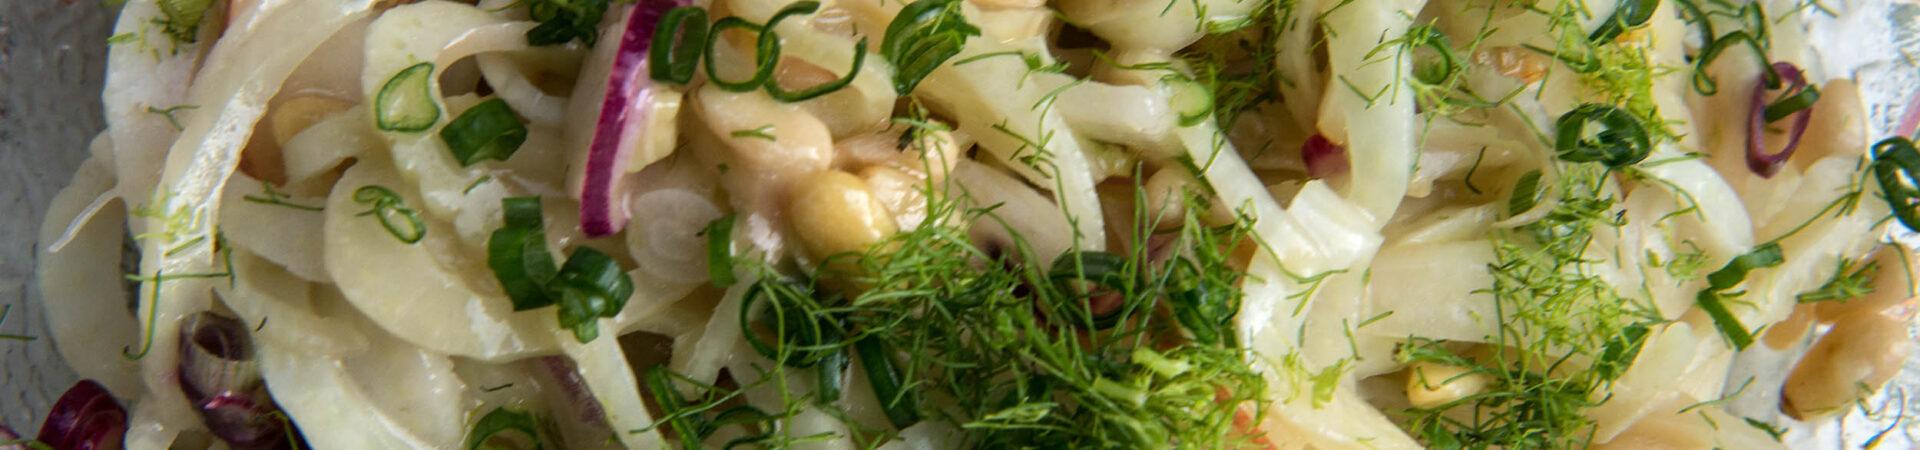 Sommersalat mit Fenchel, Birnen und gebratenen Stückchen von der Putenleber